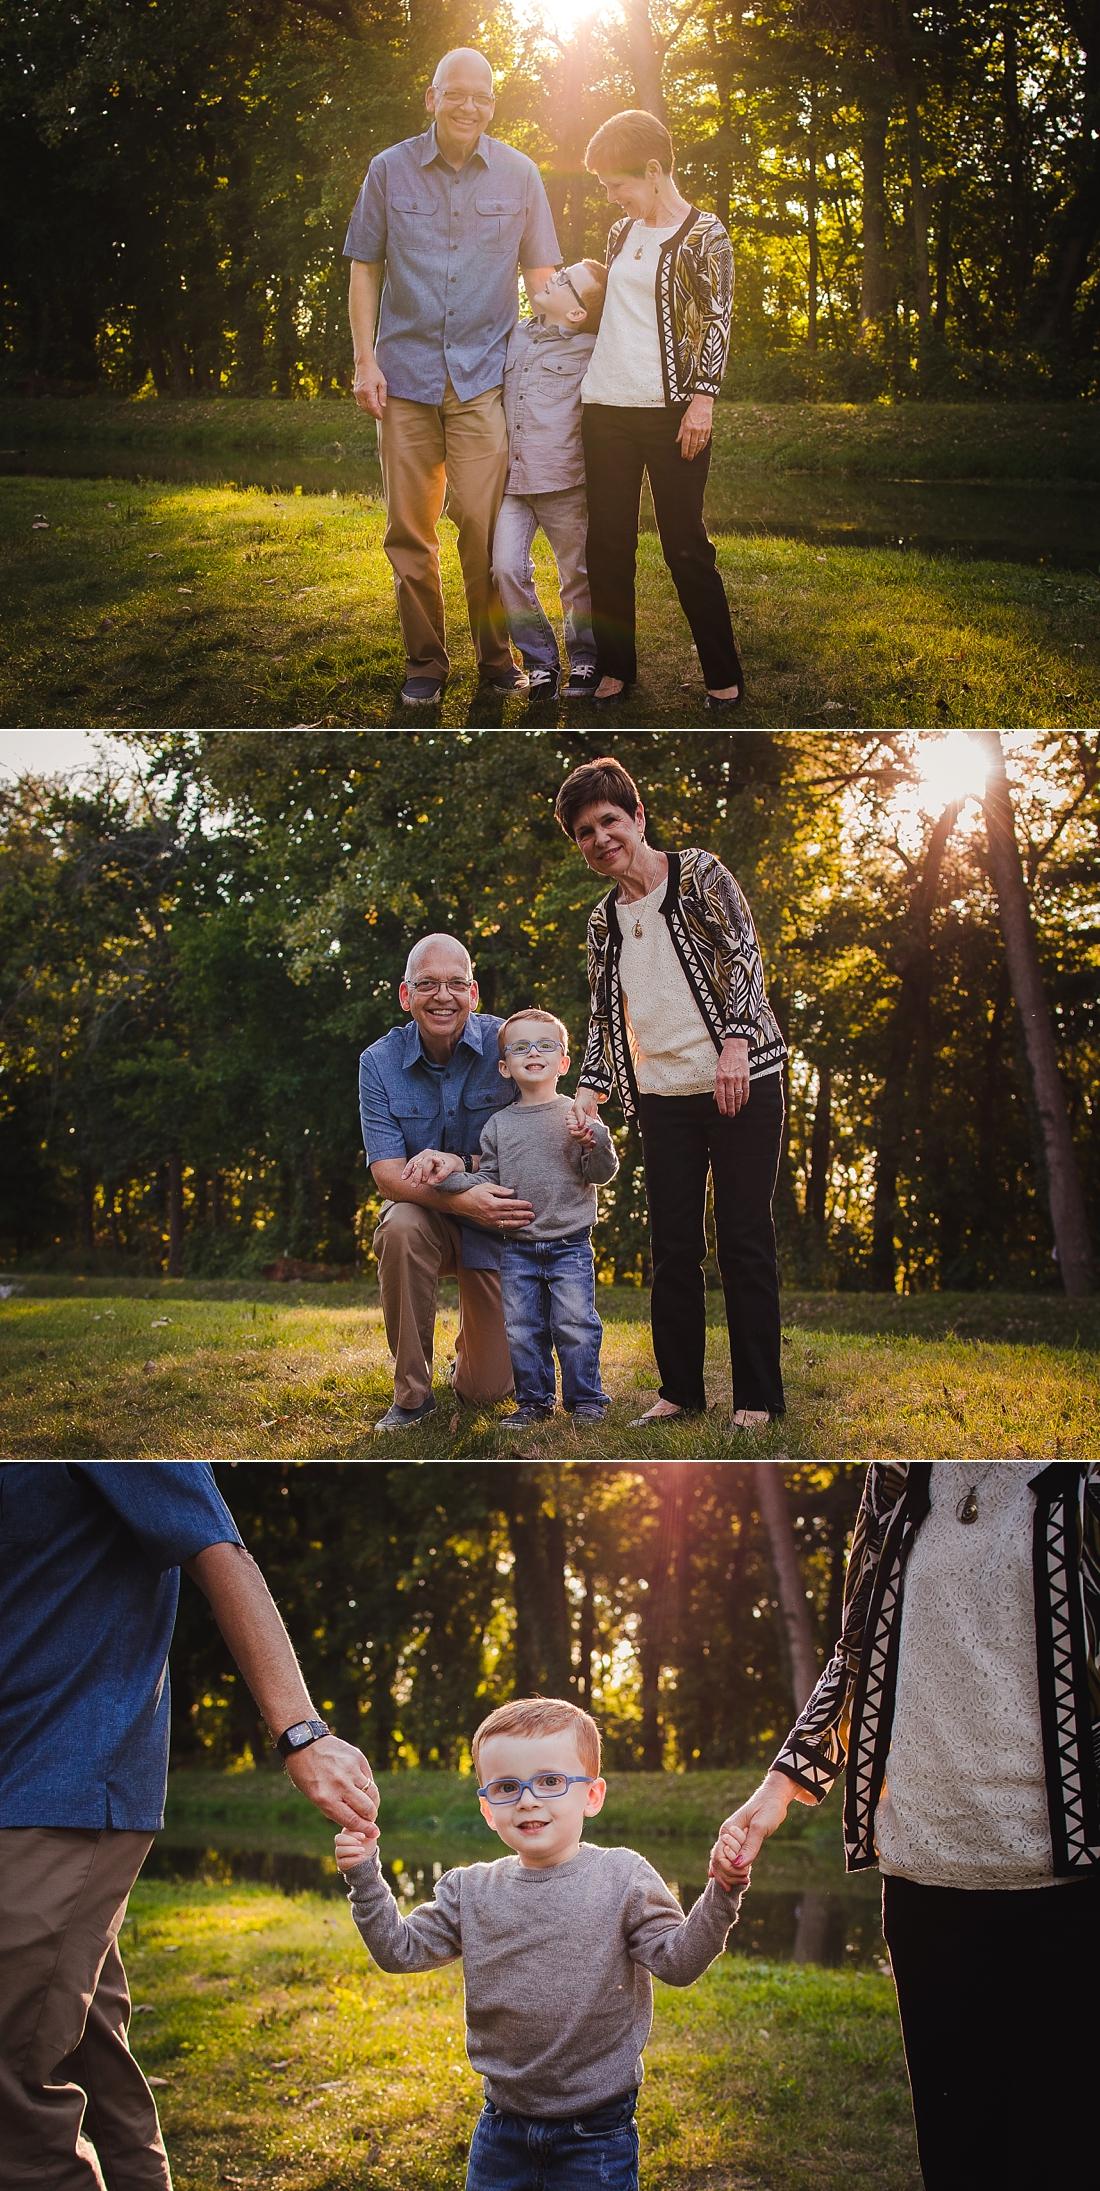 holcomb-gardens-family-session_0006.jpg